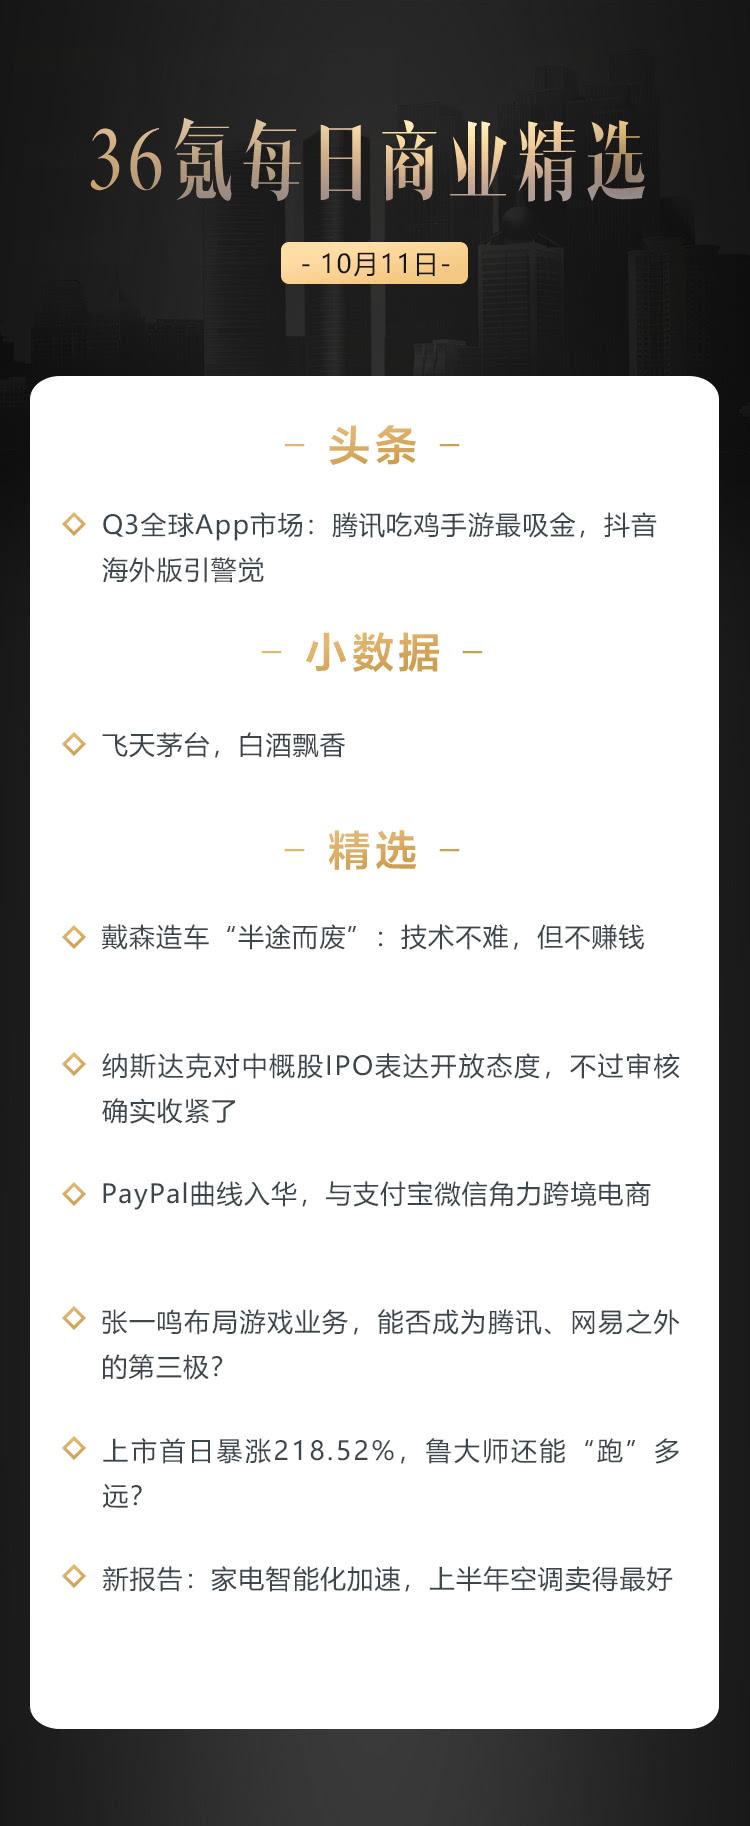 http://www.xqweigou.com/dianshangO2O/67664.html